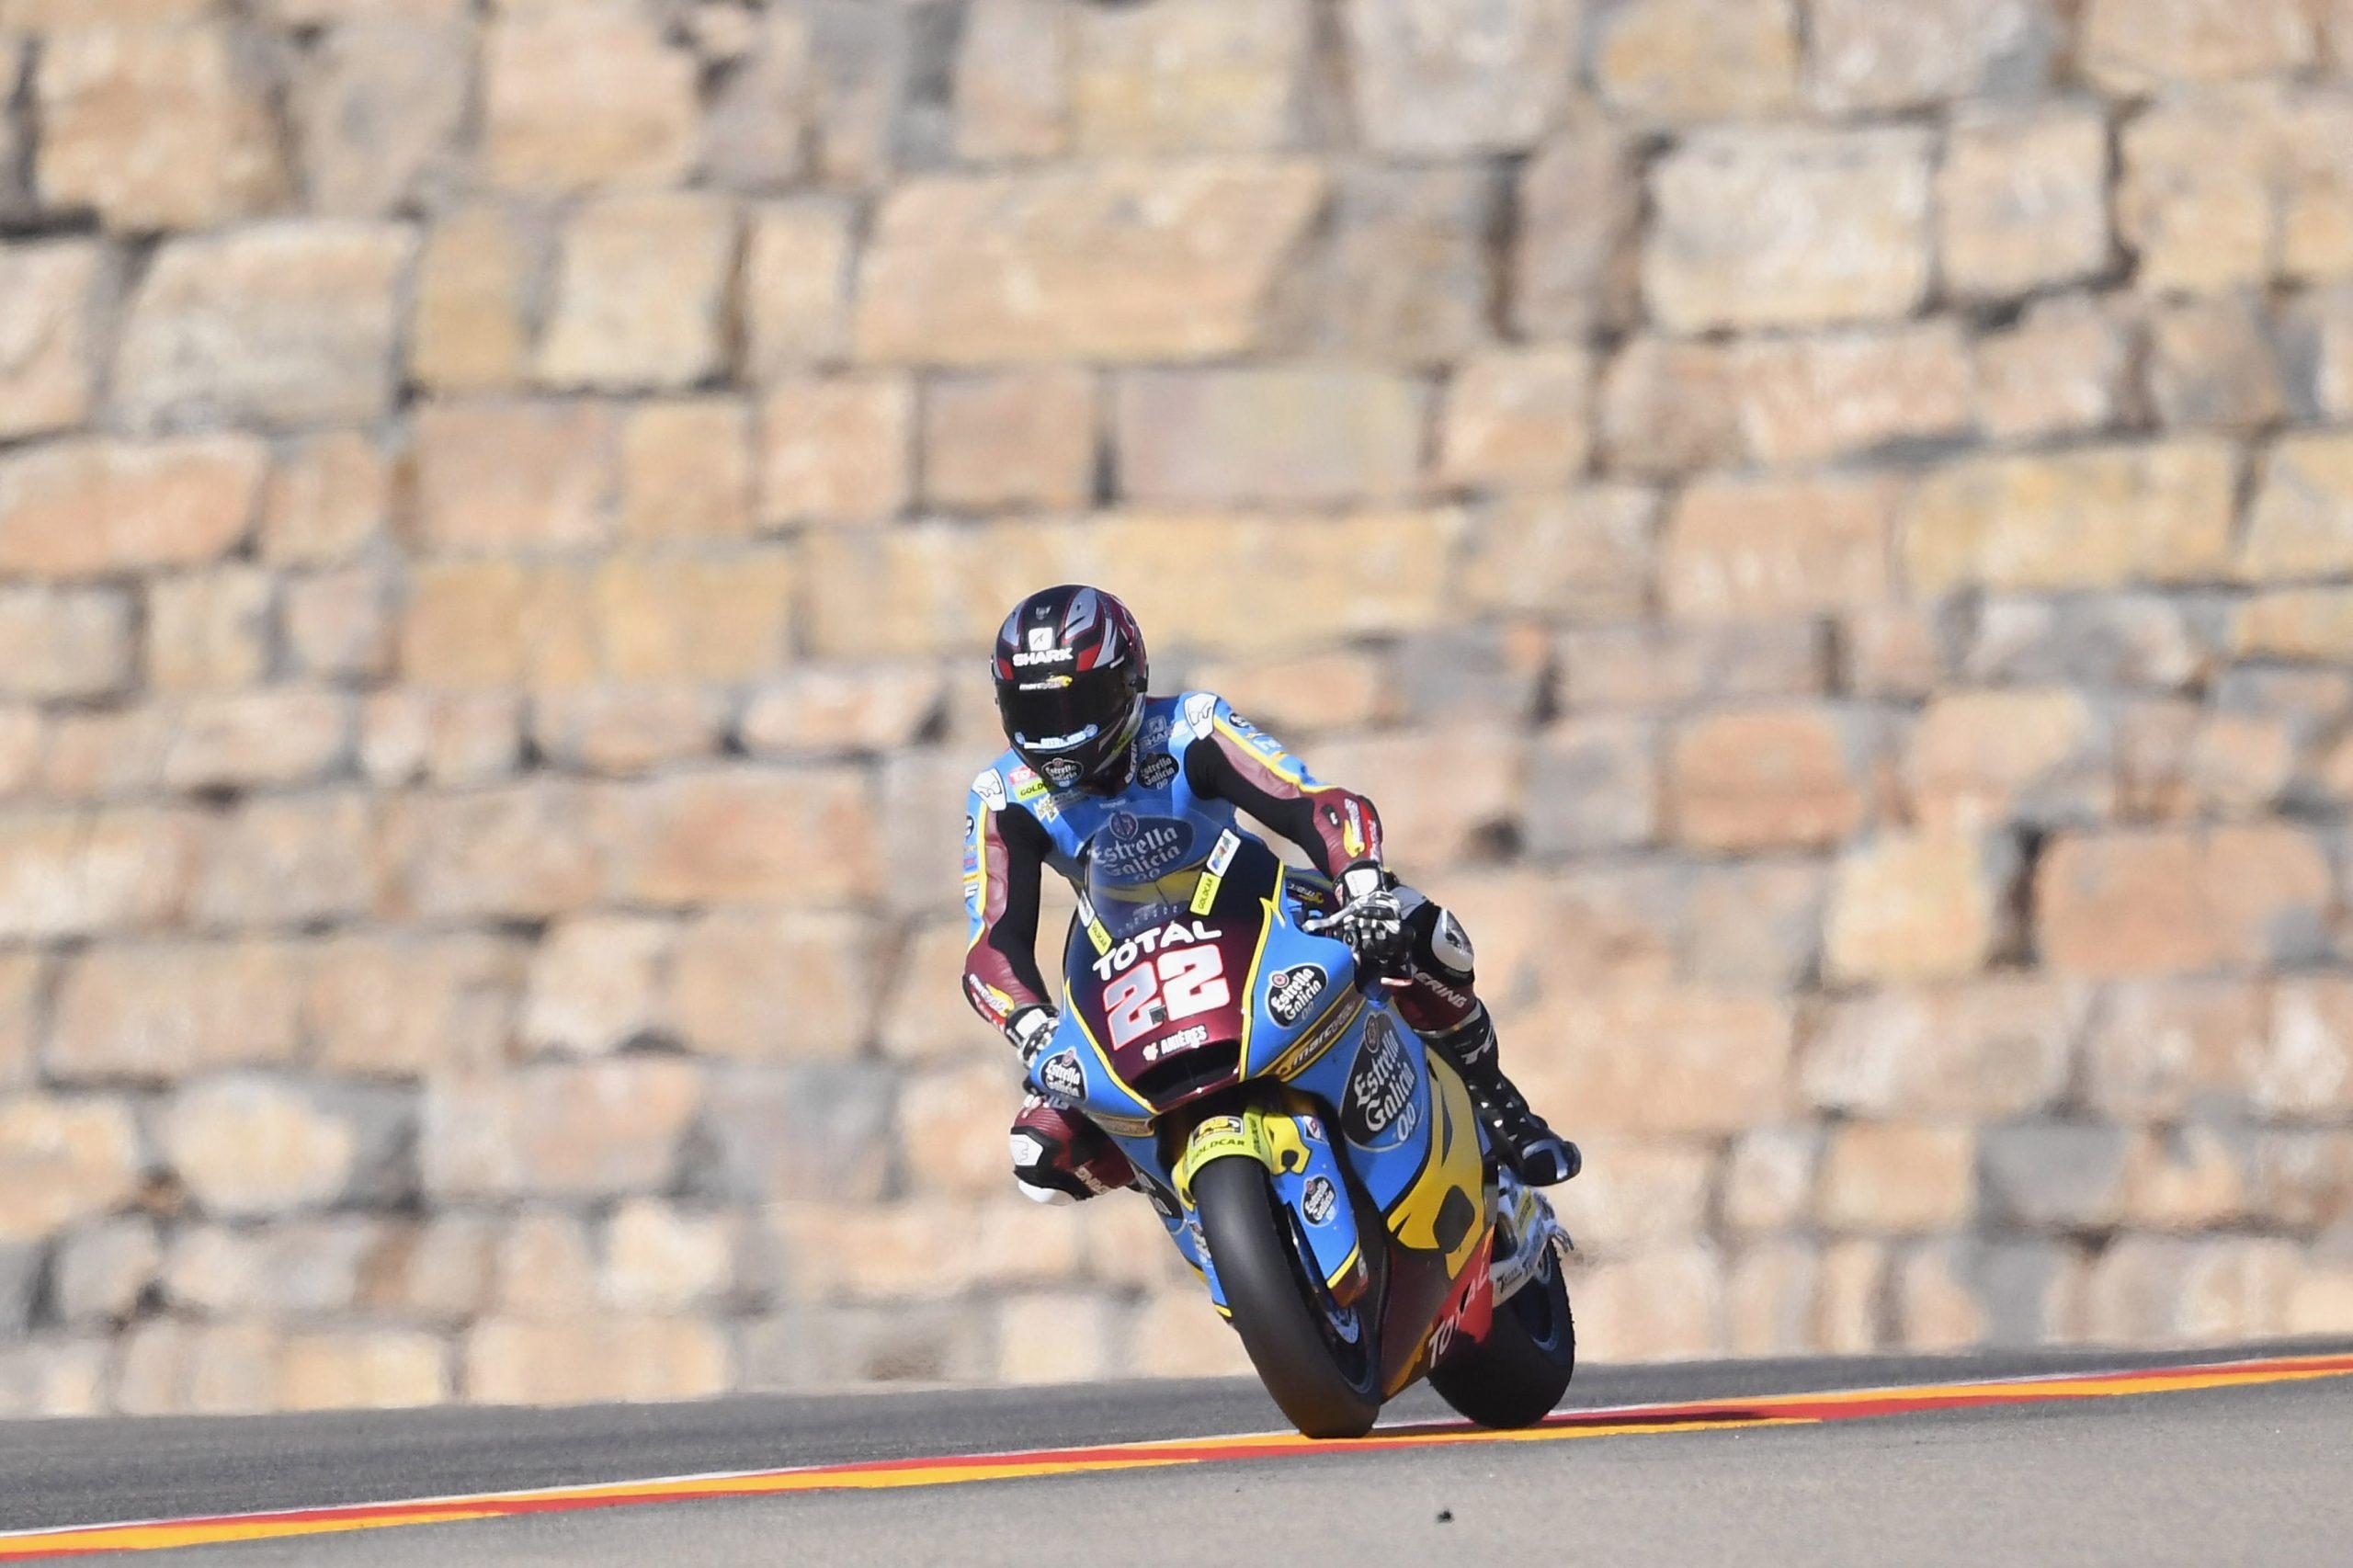 Sam Lowes se encuentra la victoria tras la caída de Marco Bezzecchi en Aragón